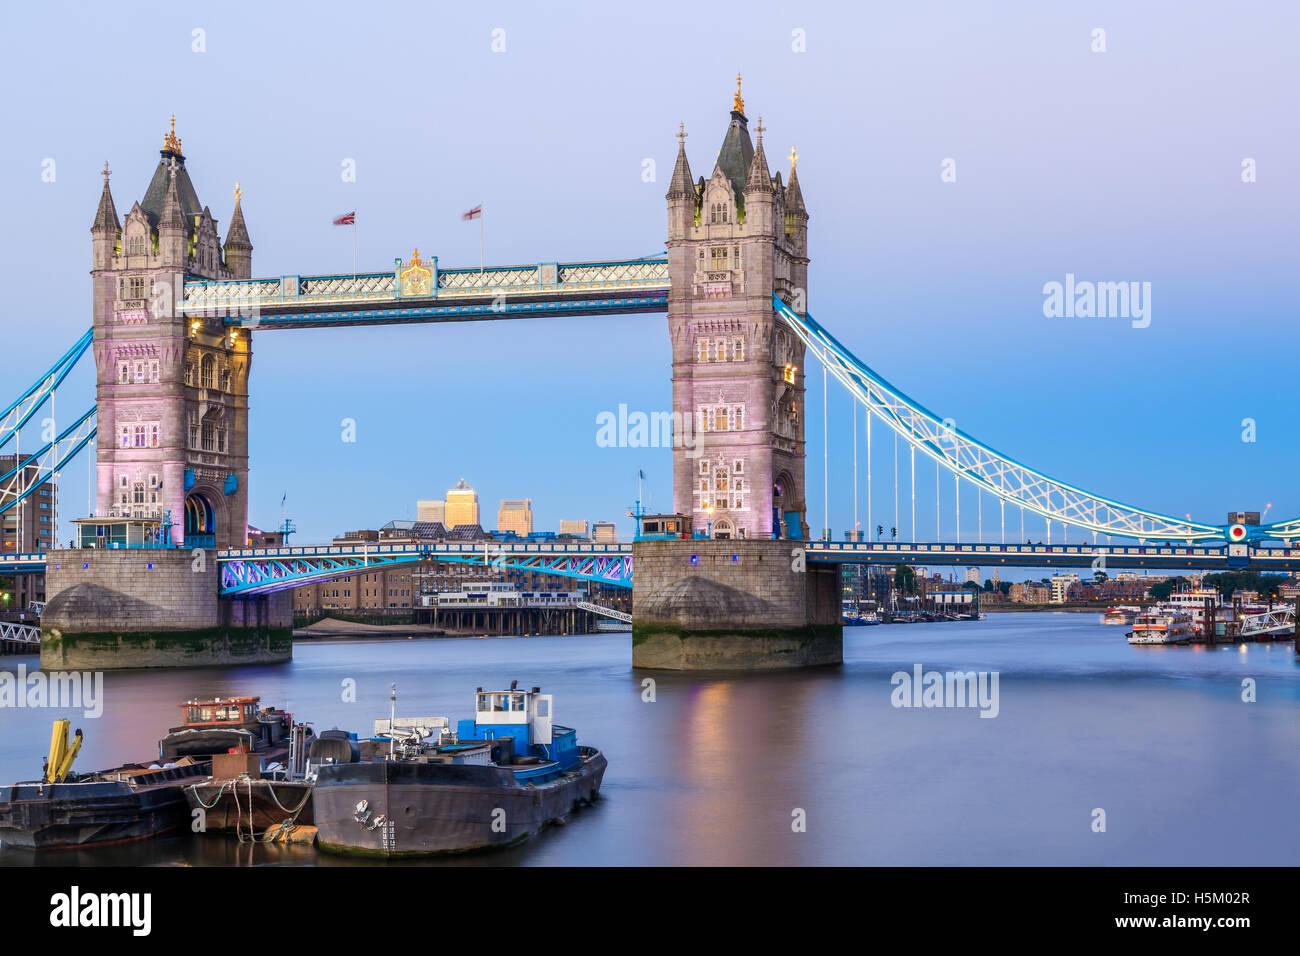 Tower Bridge in London bei Sonnenuntergang mit einem hellblauen Himmel Stockbild